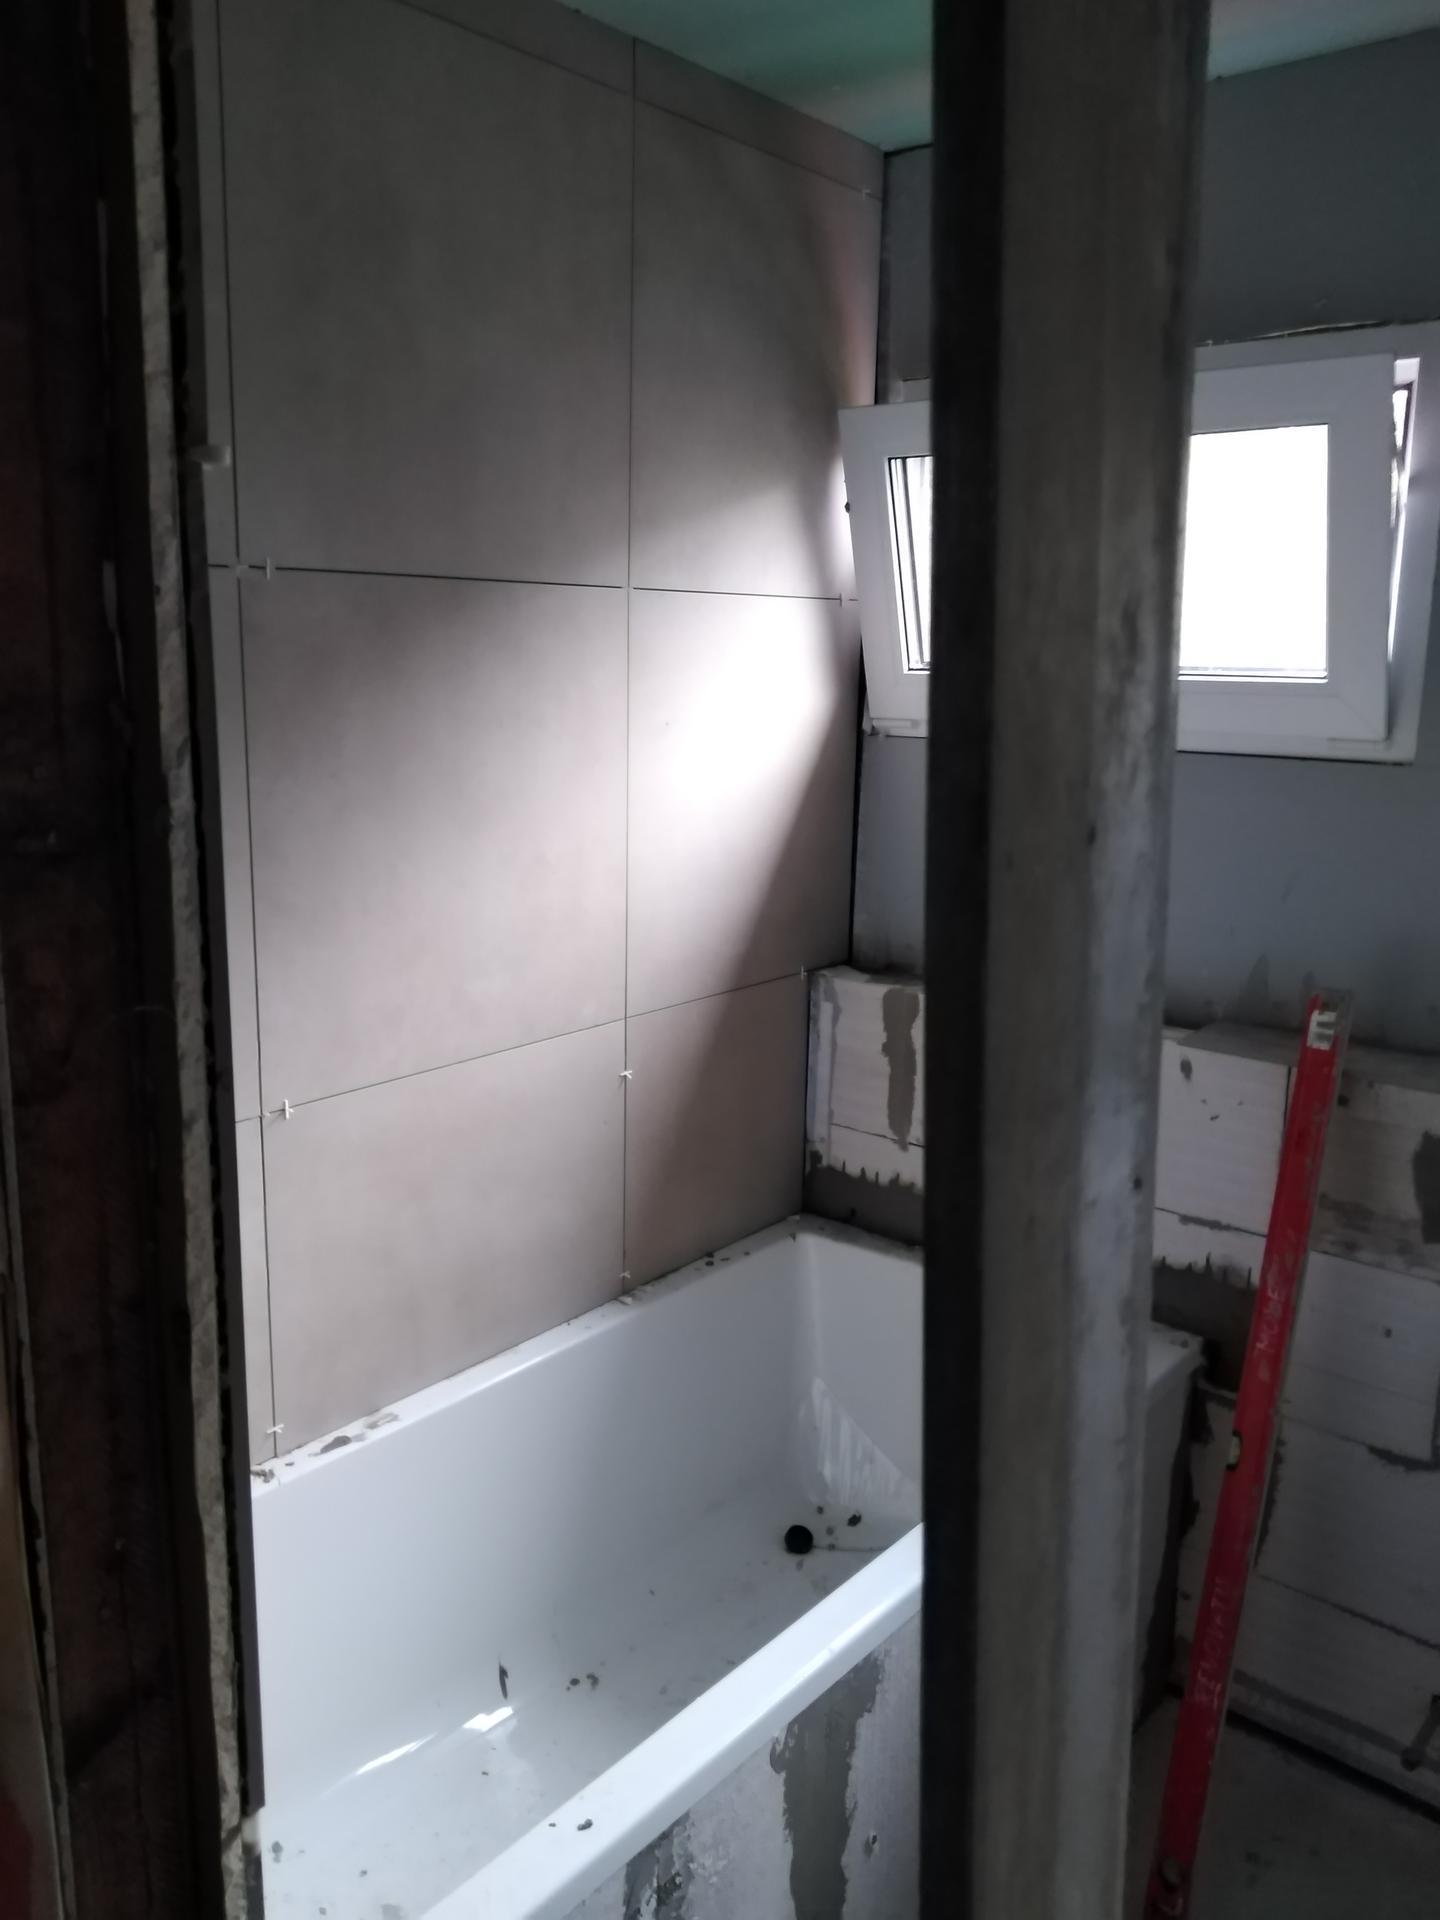 Rekonstrukce starouše - Obrázek č. 20